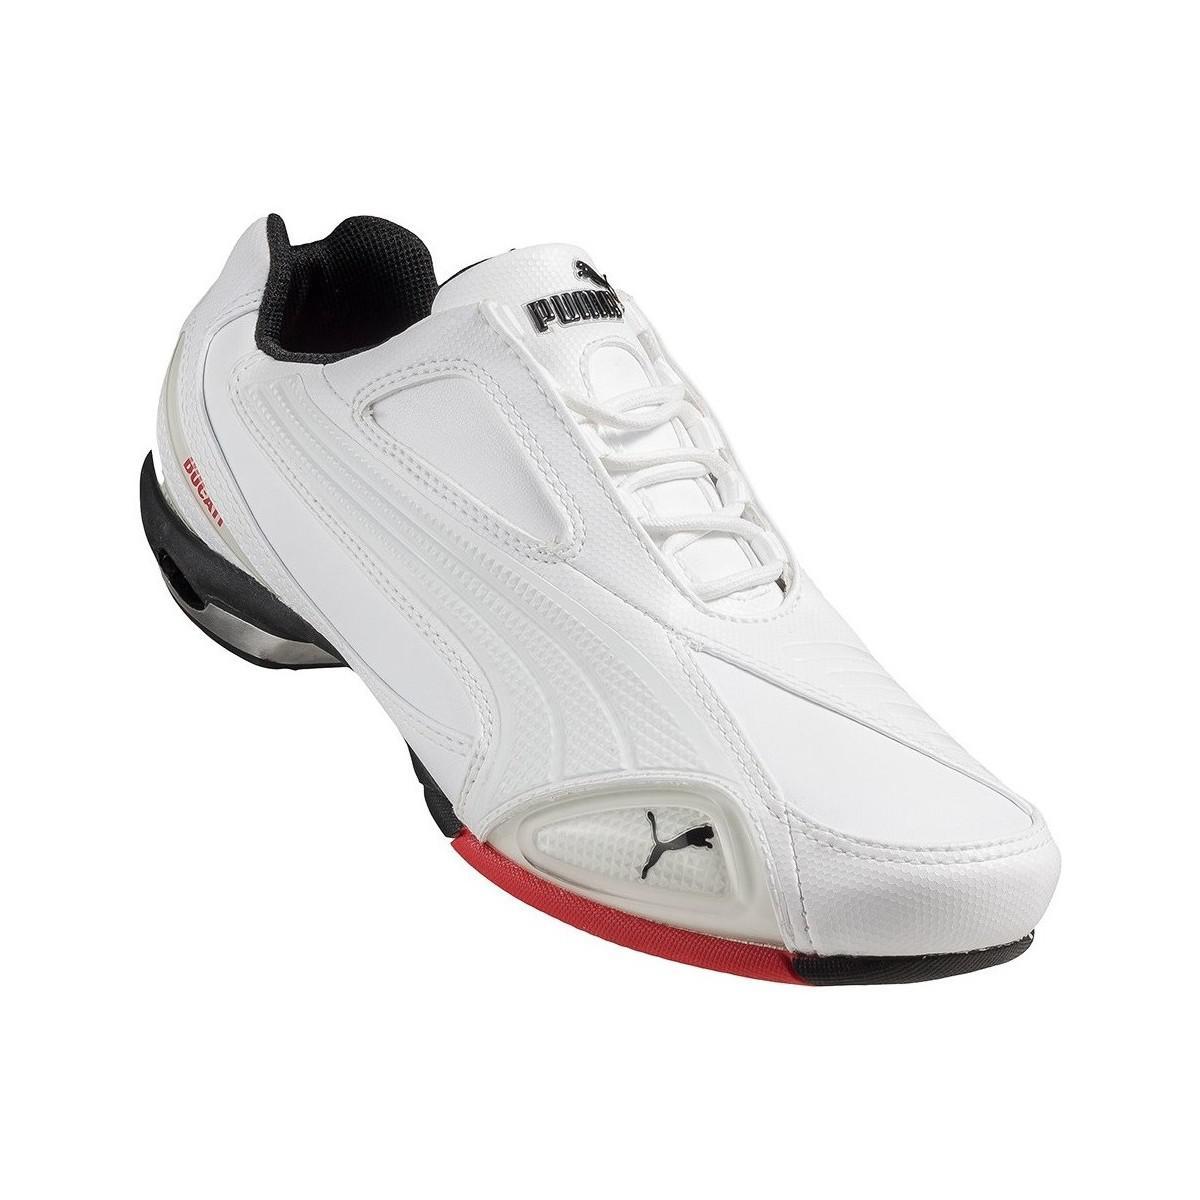 7ea6ac2a4034 PUMA Testastretta Ii Ducati Nm Men s Shoes (trainers) In White in ...